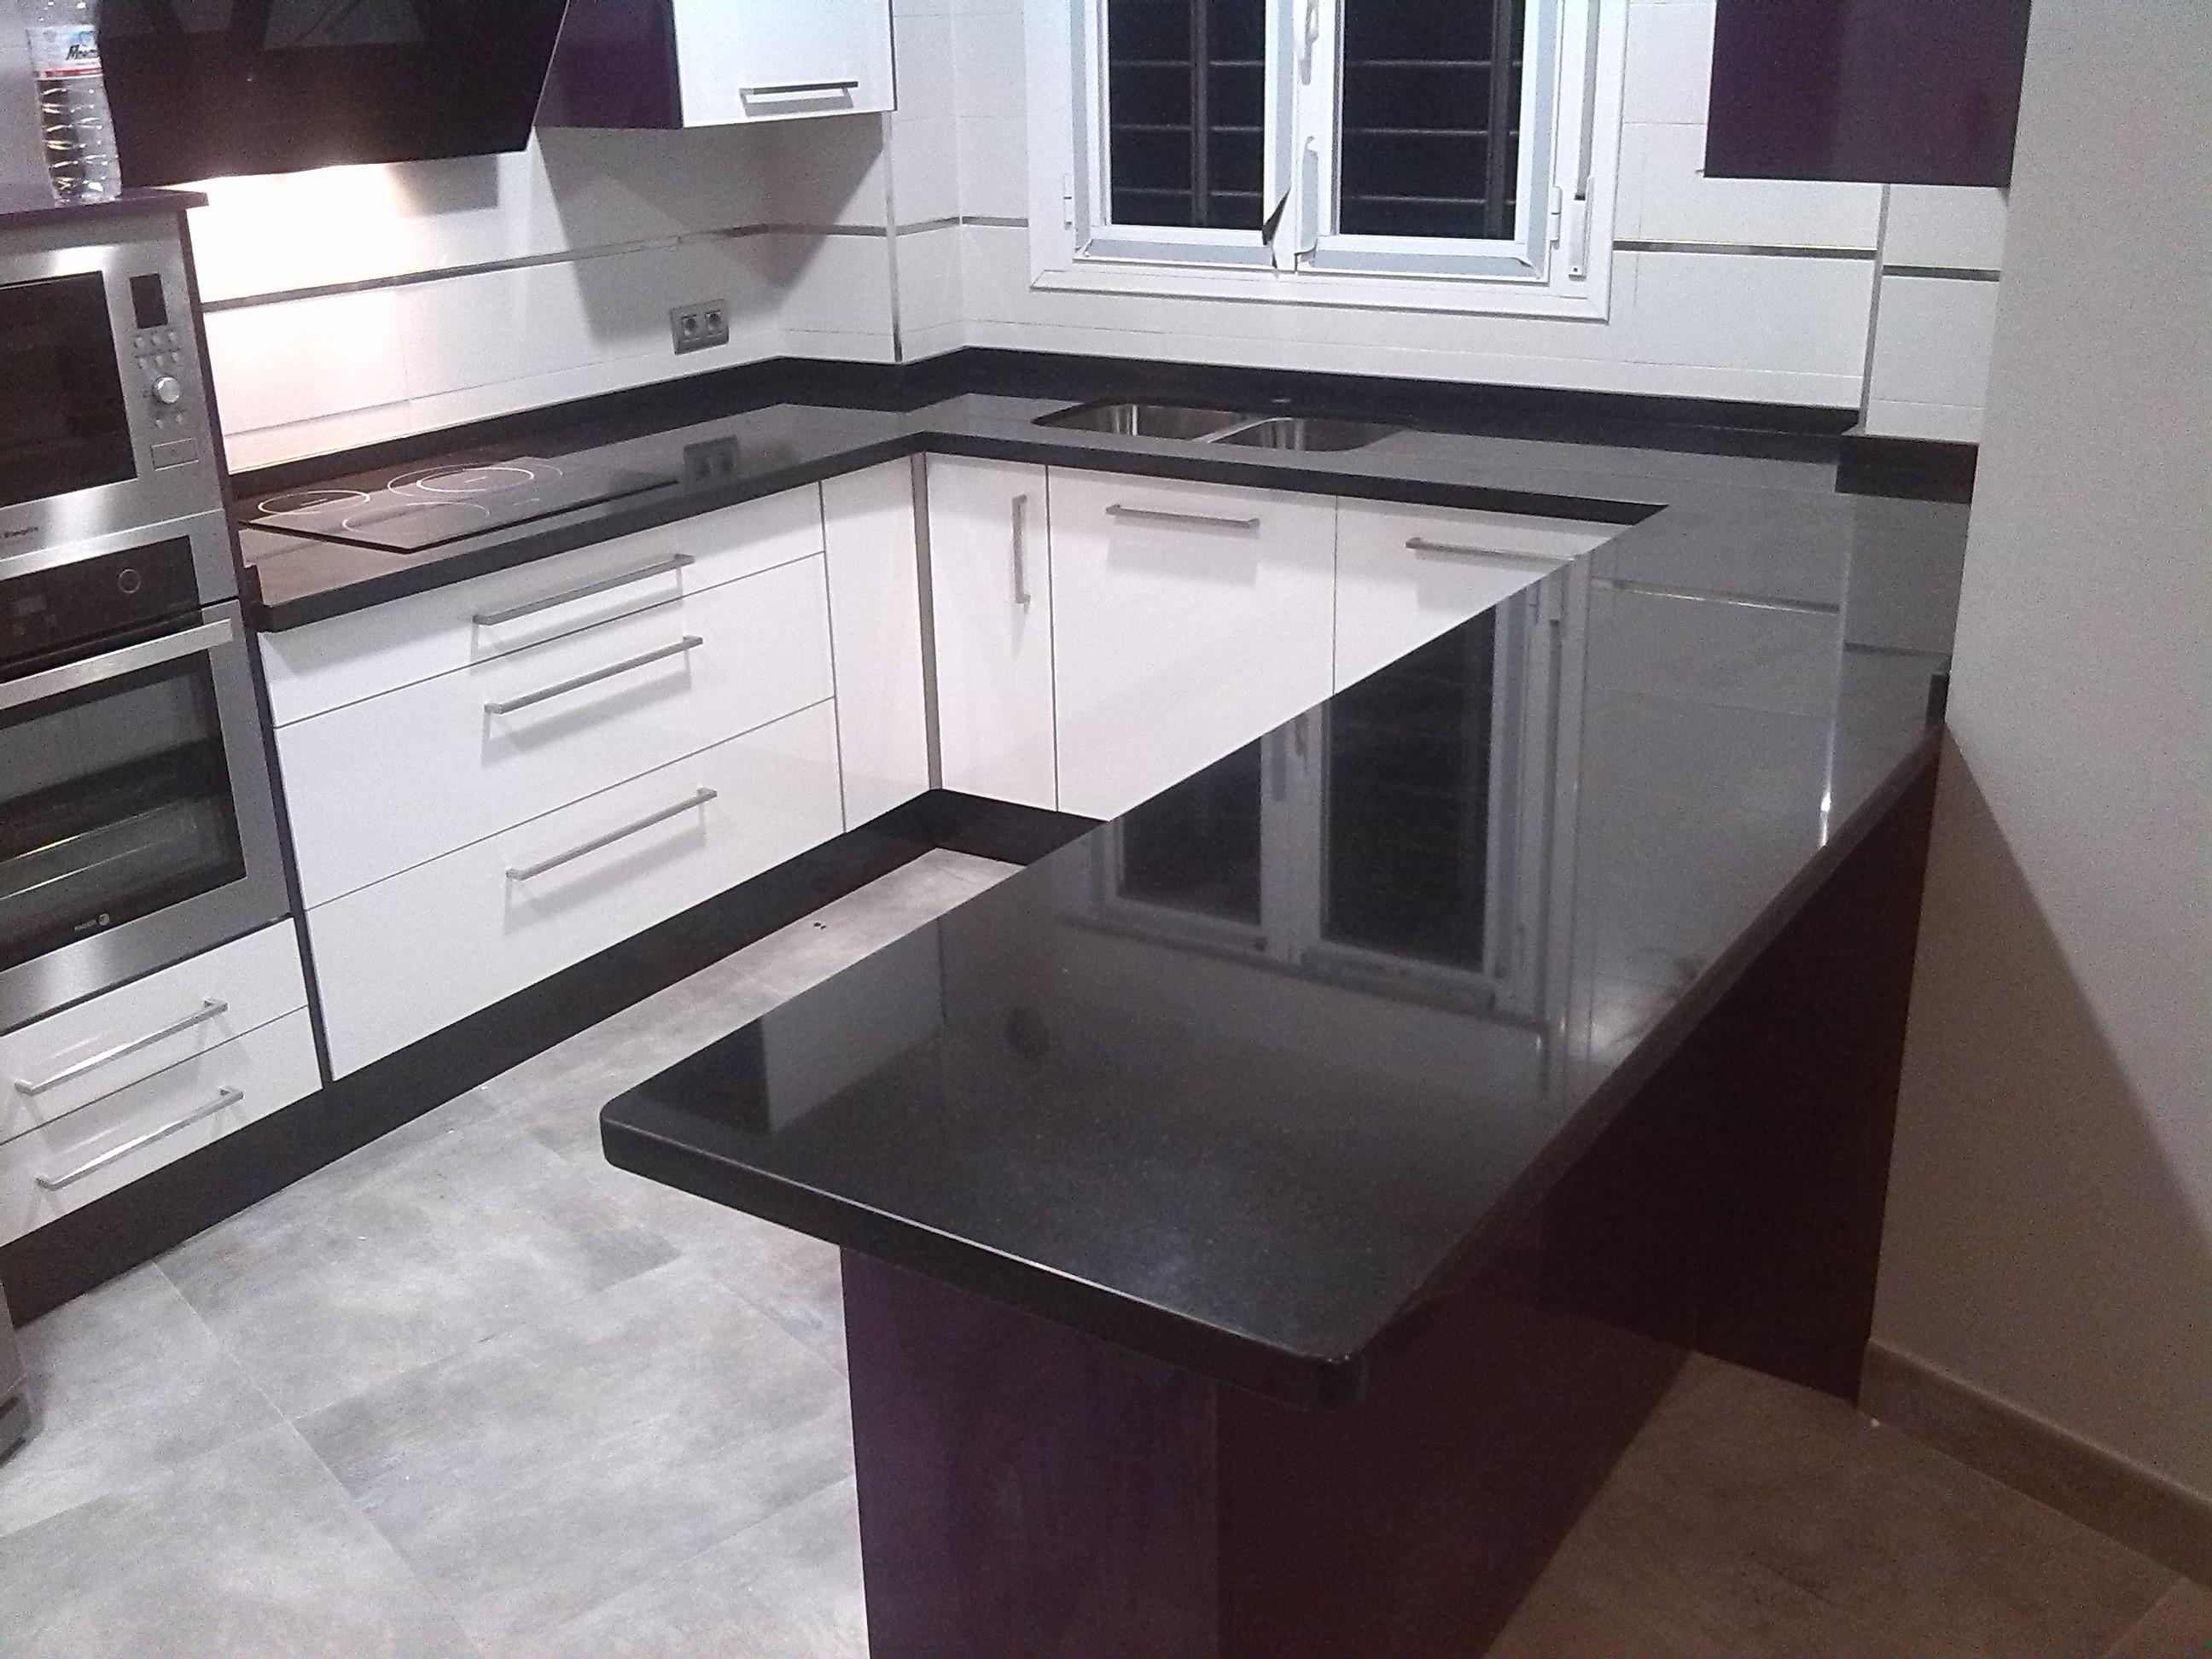 Marmol encimera cocina trendy cocina isla encimeras pared - Cocinas de marmol ...